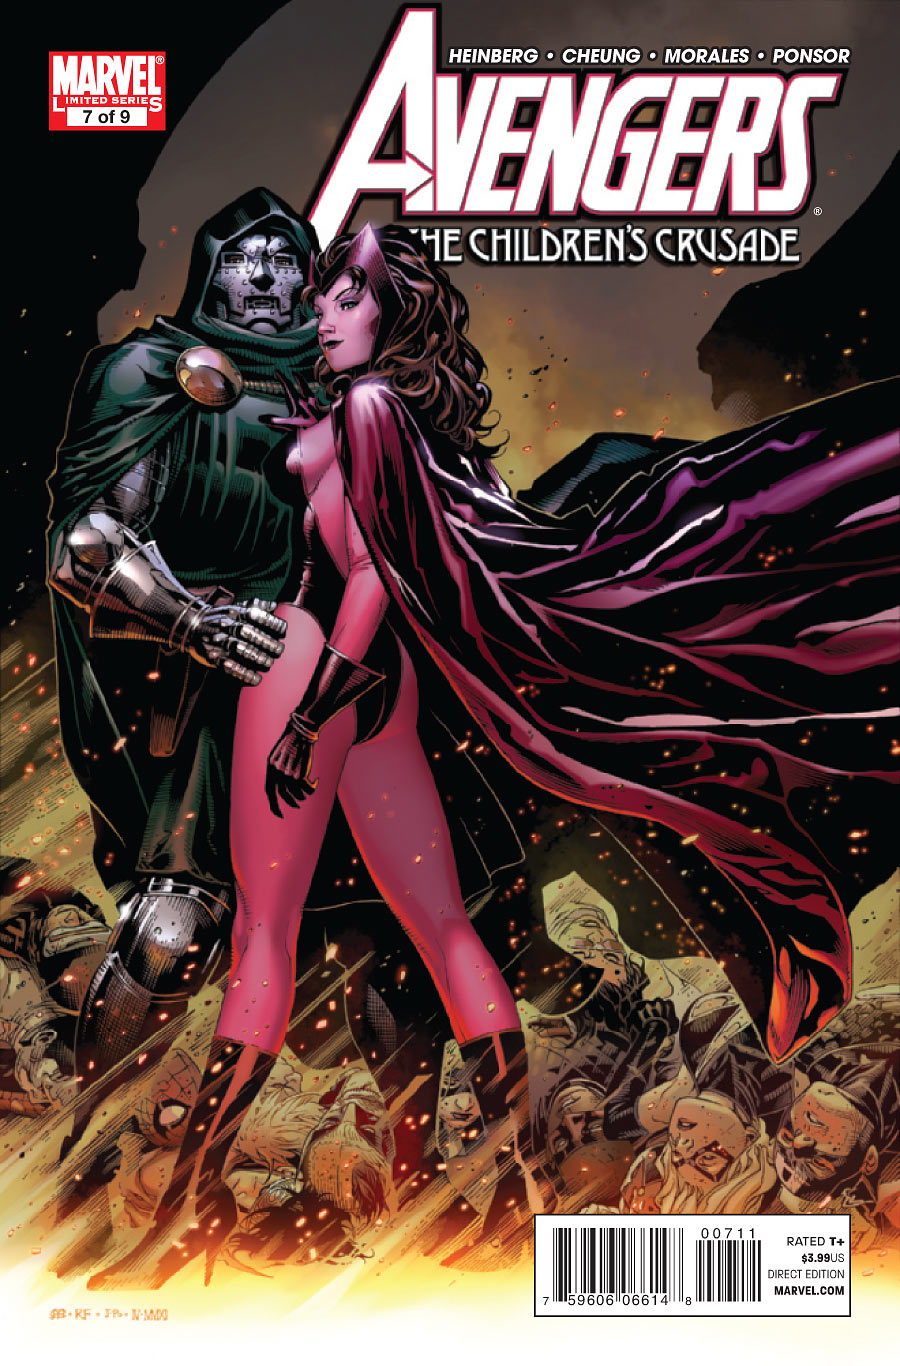 Avengers: The Children's Crusade HD wallpapers, Desktop wallpaper - most viewed